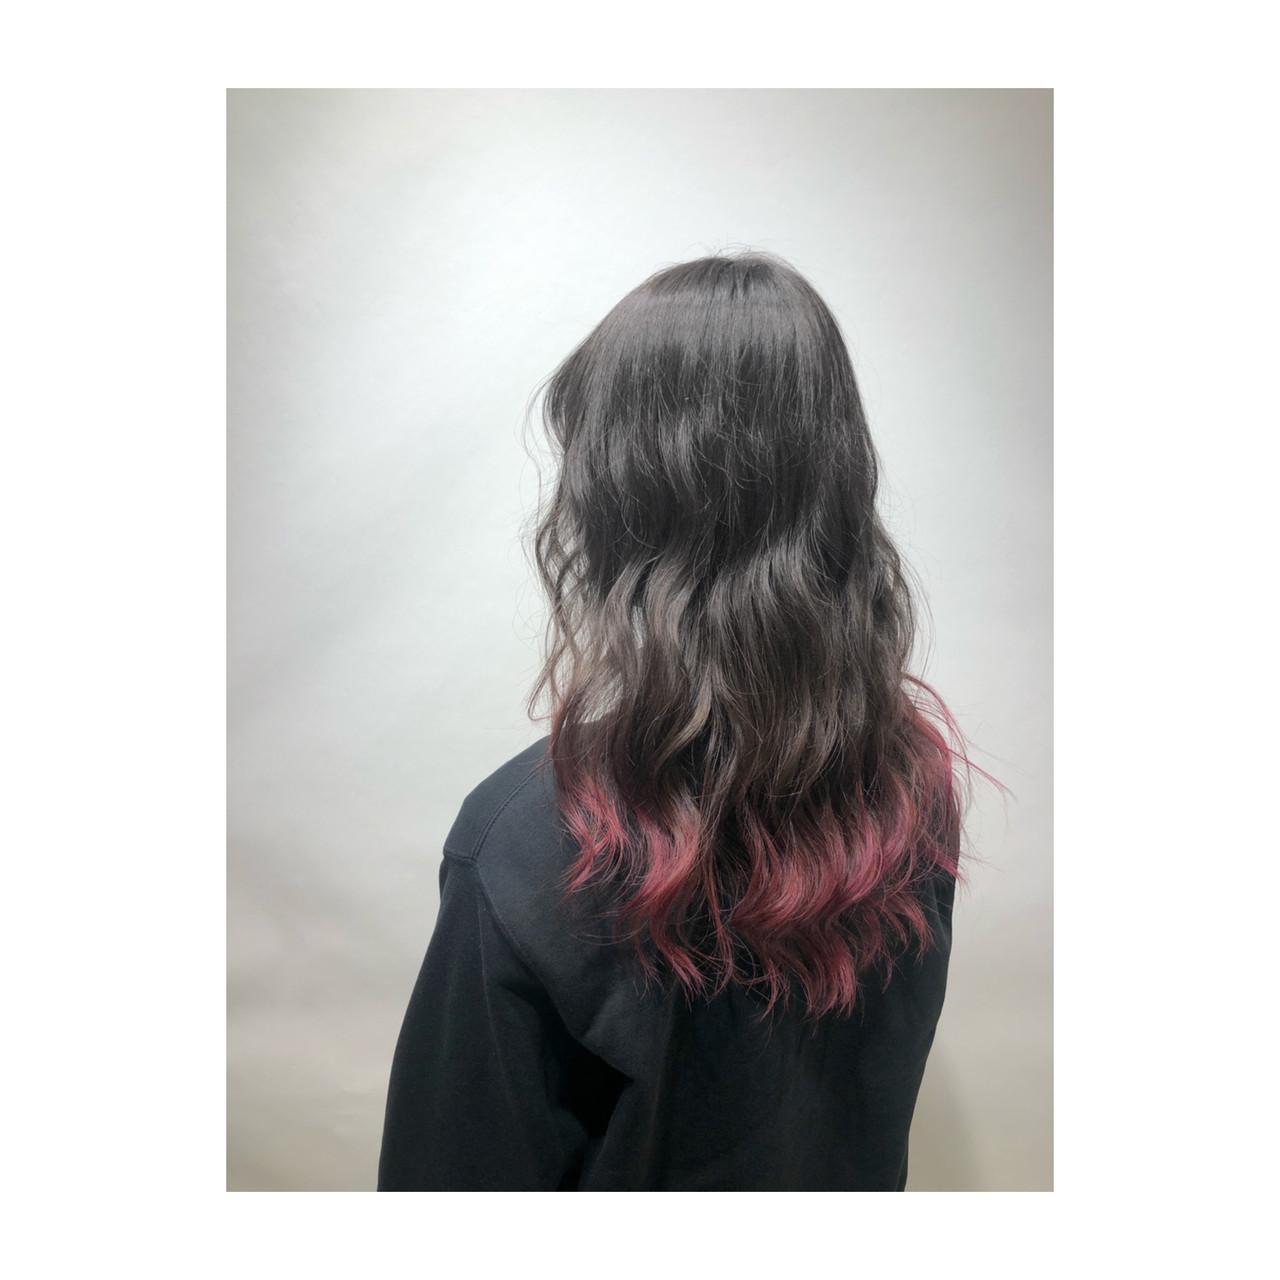 セミロング ラベンダーピンク ピンクバイオレット フェミニン ヘアスタイルや髪型の写真・画像